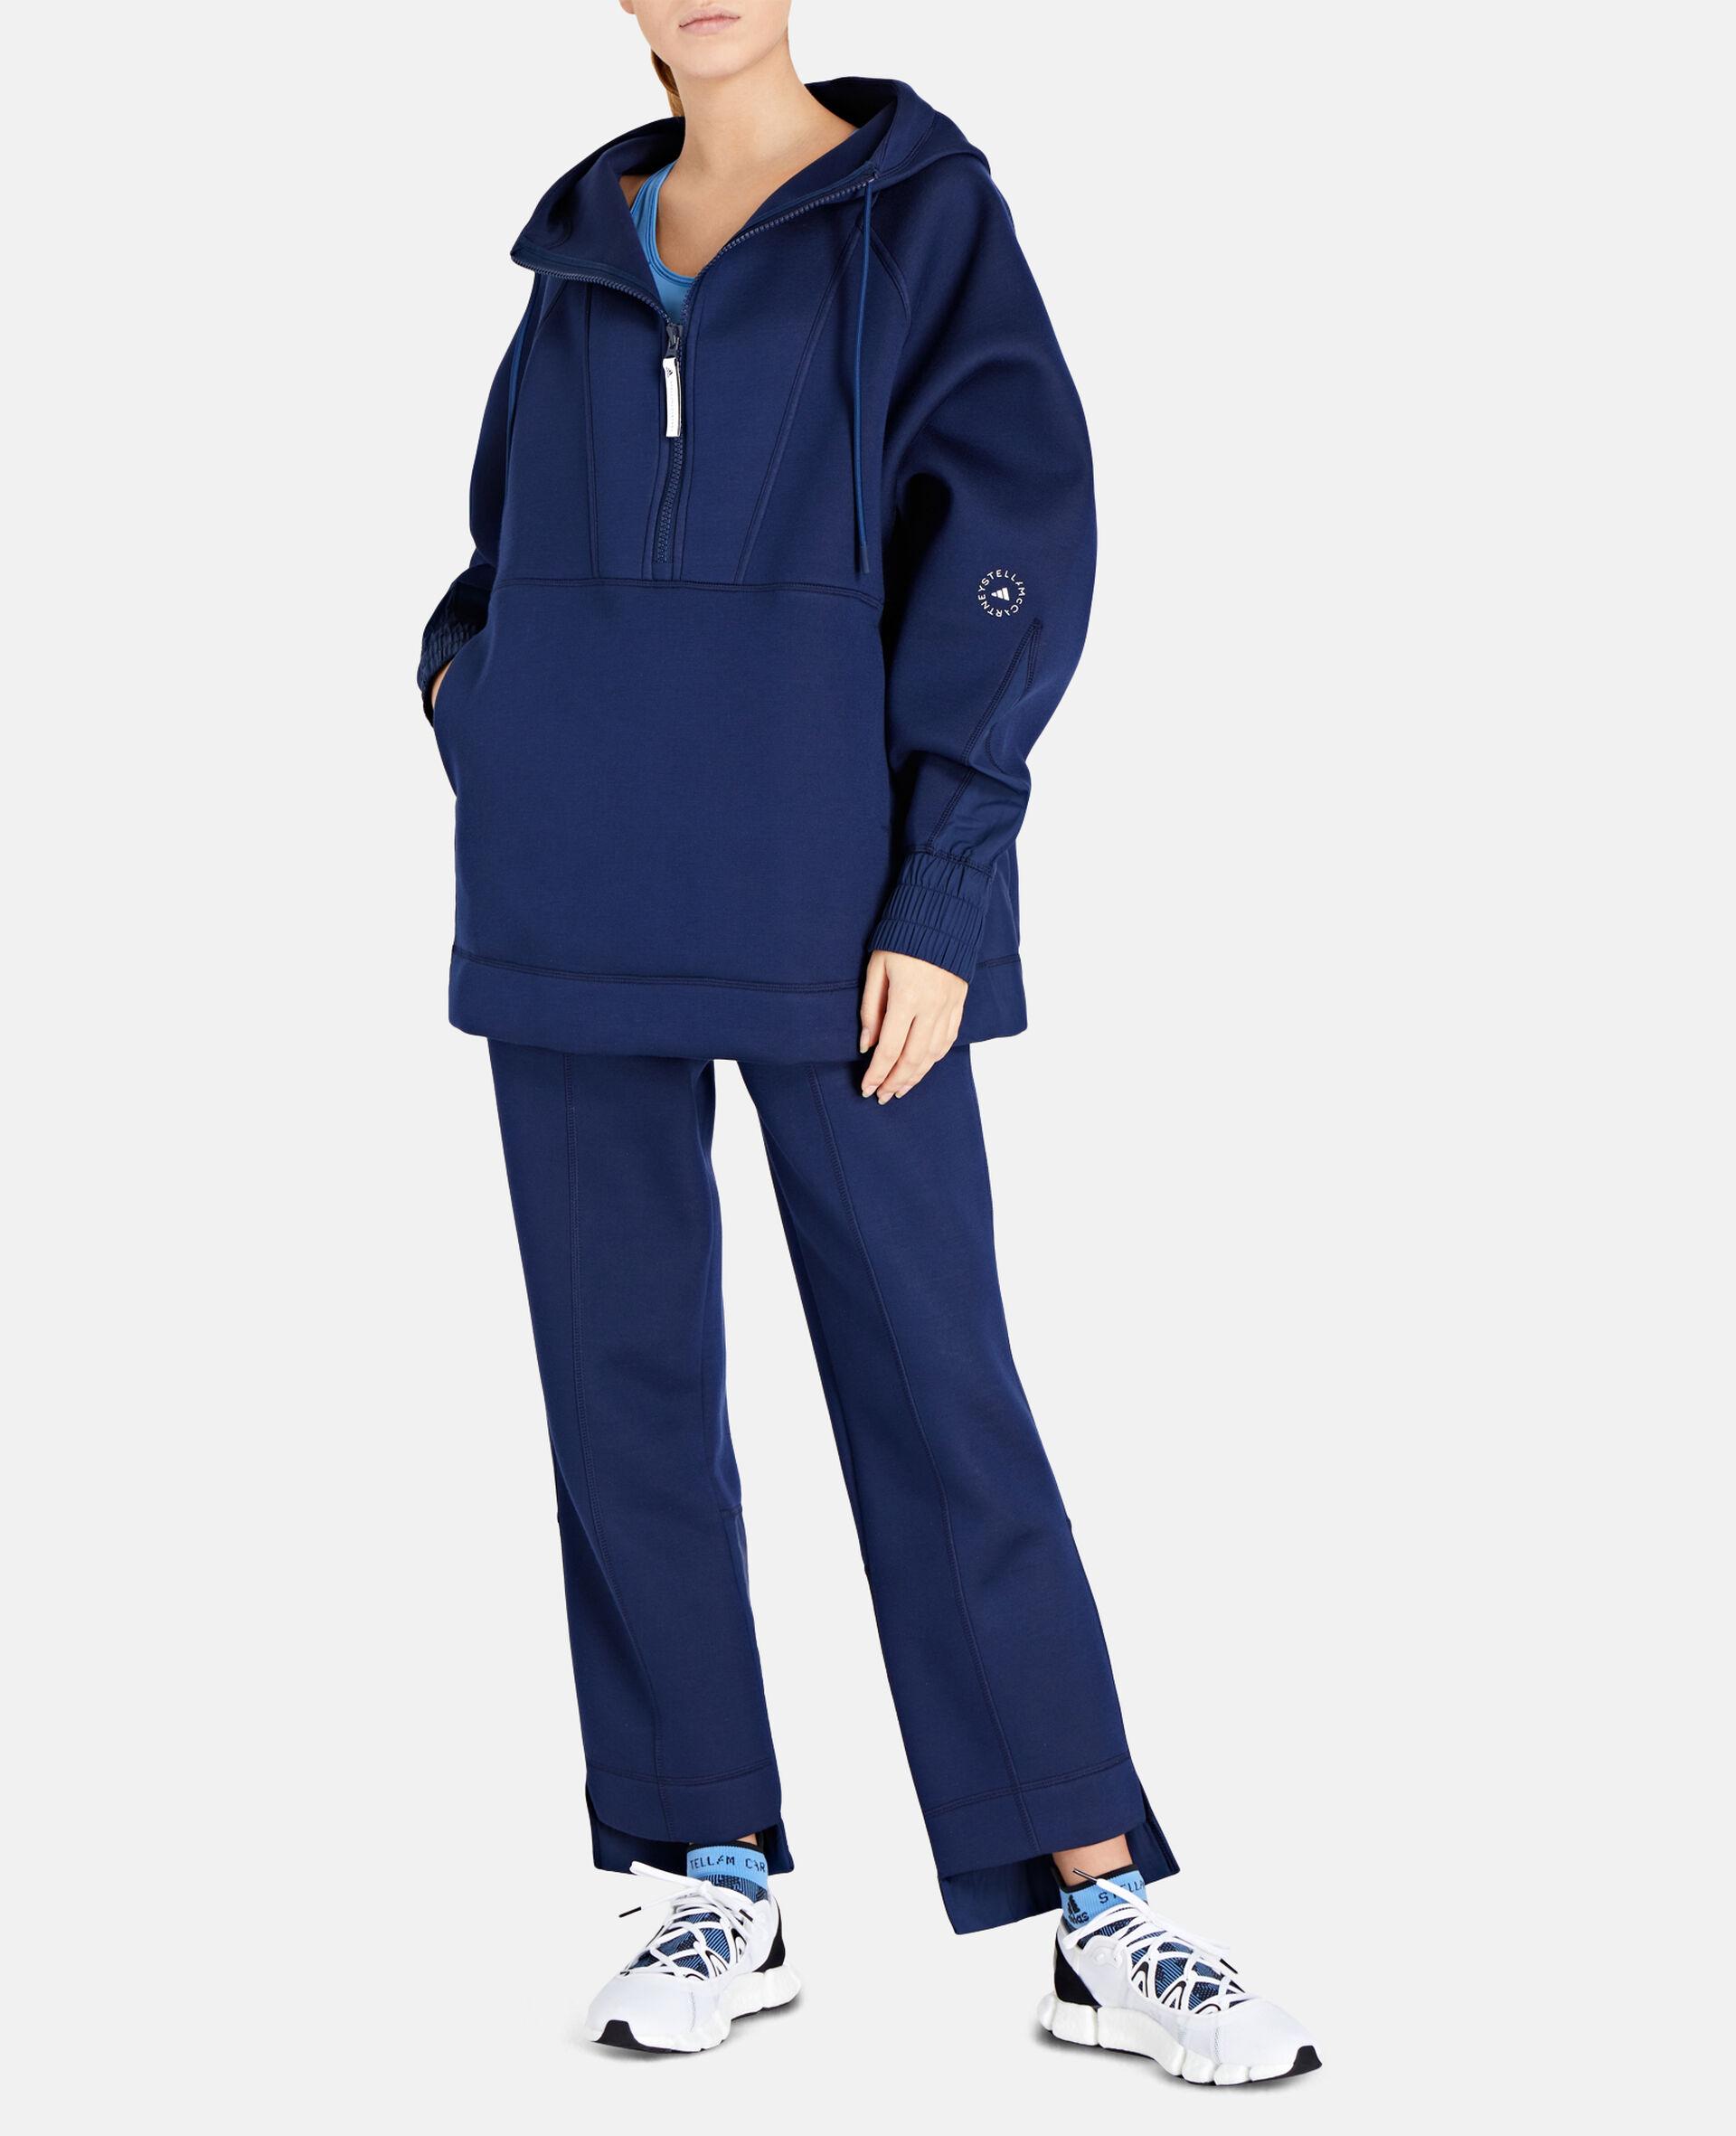 Blauer Kapuzenpullover mit halbem Reißverschluss-Blau-large image number 1